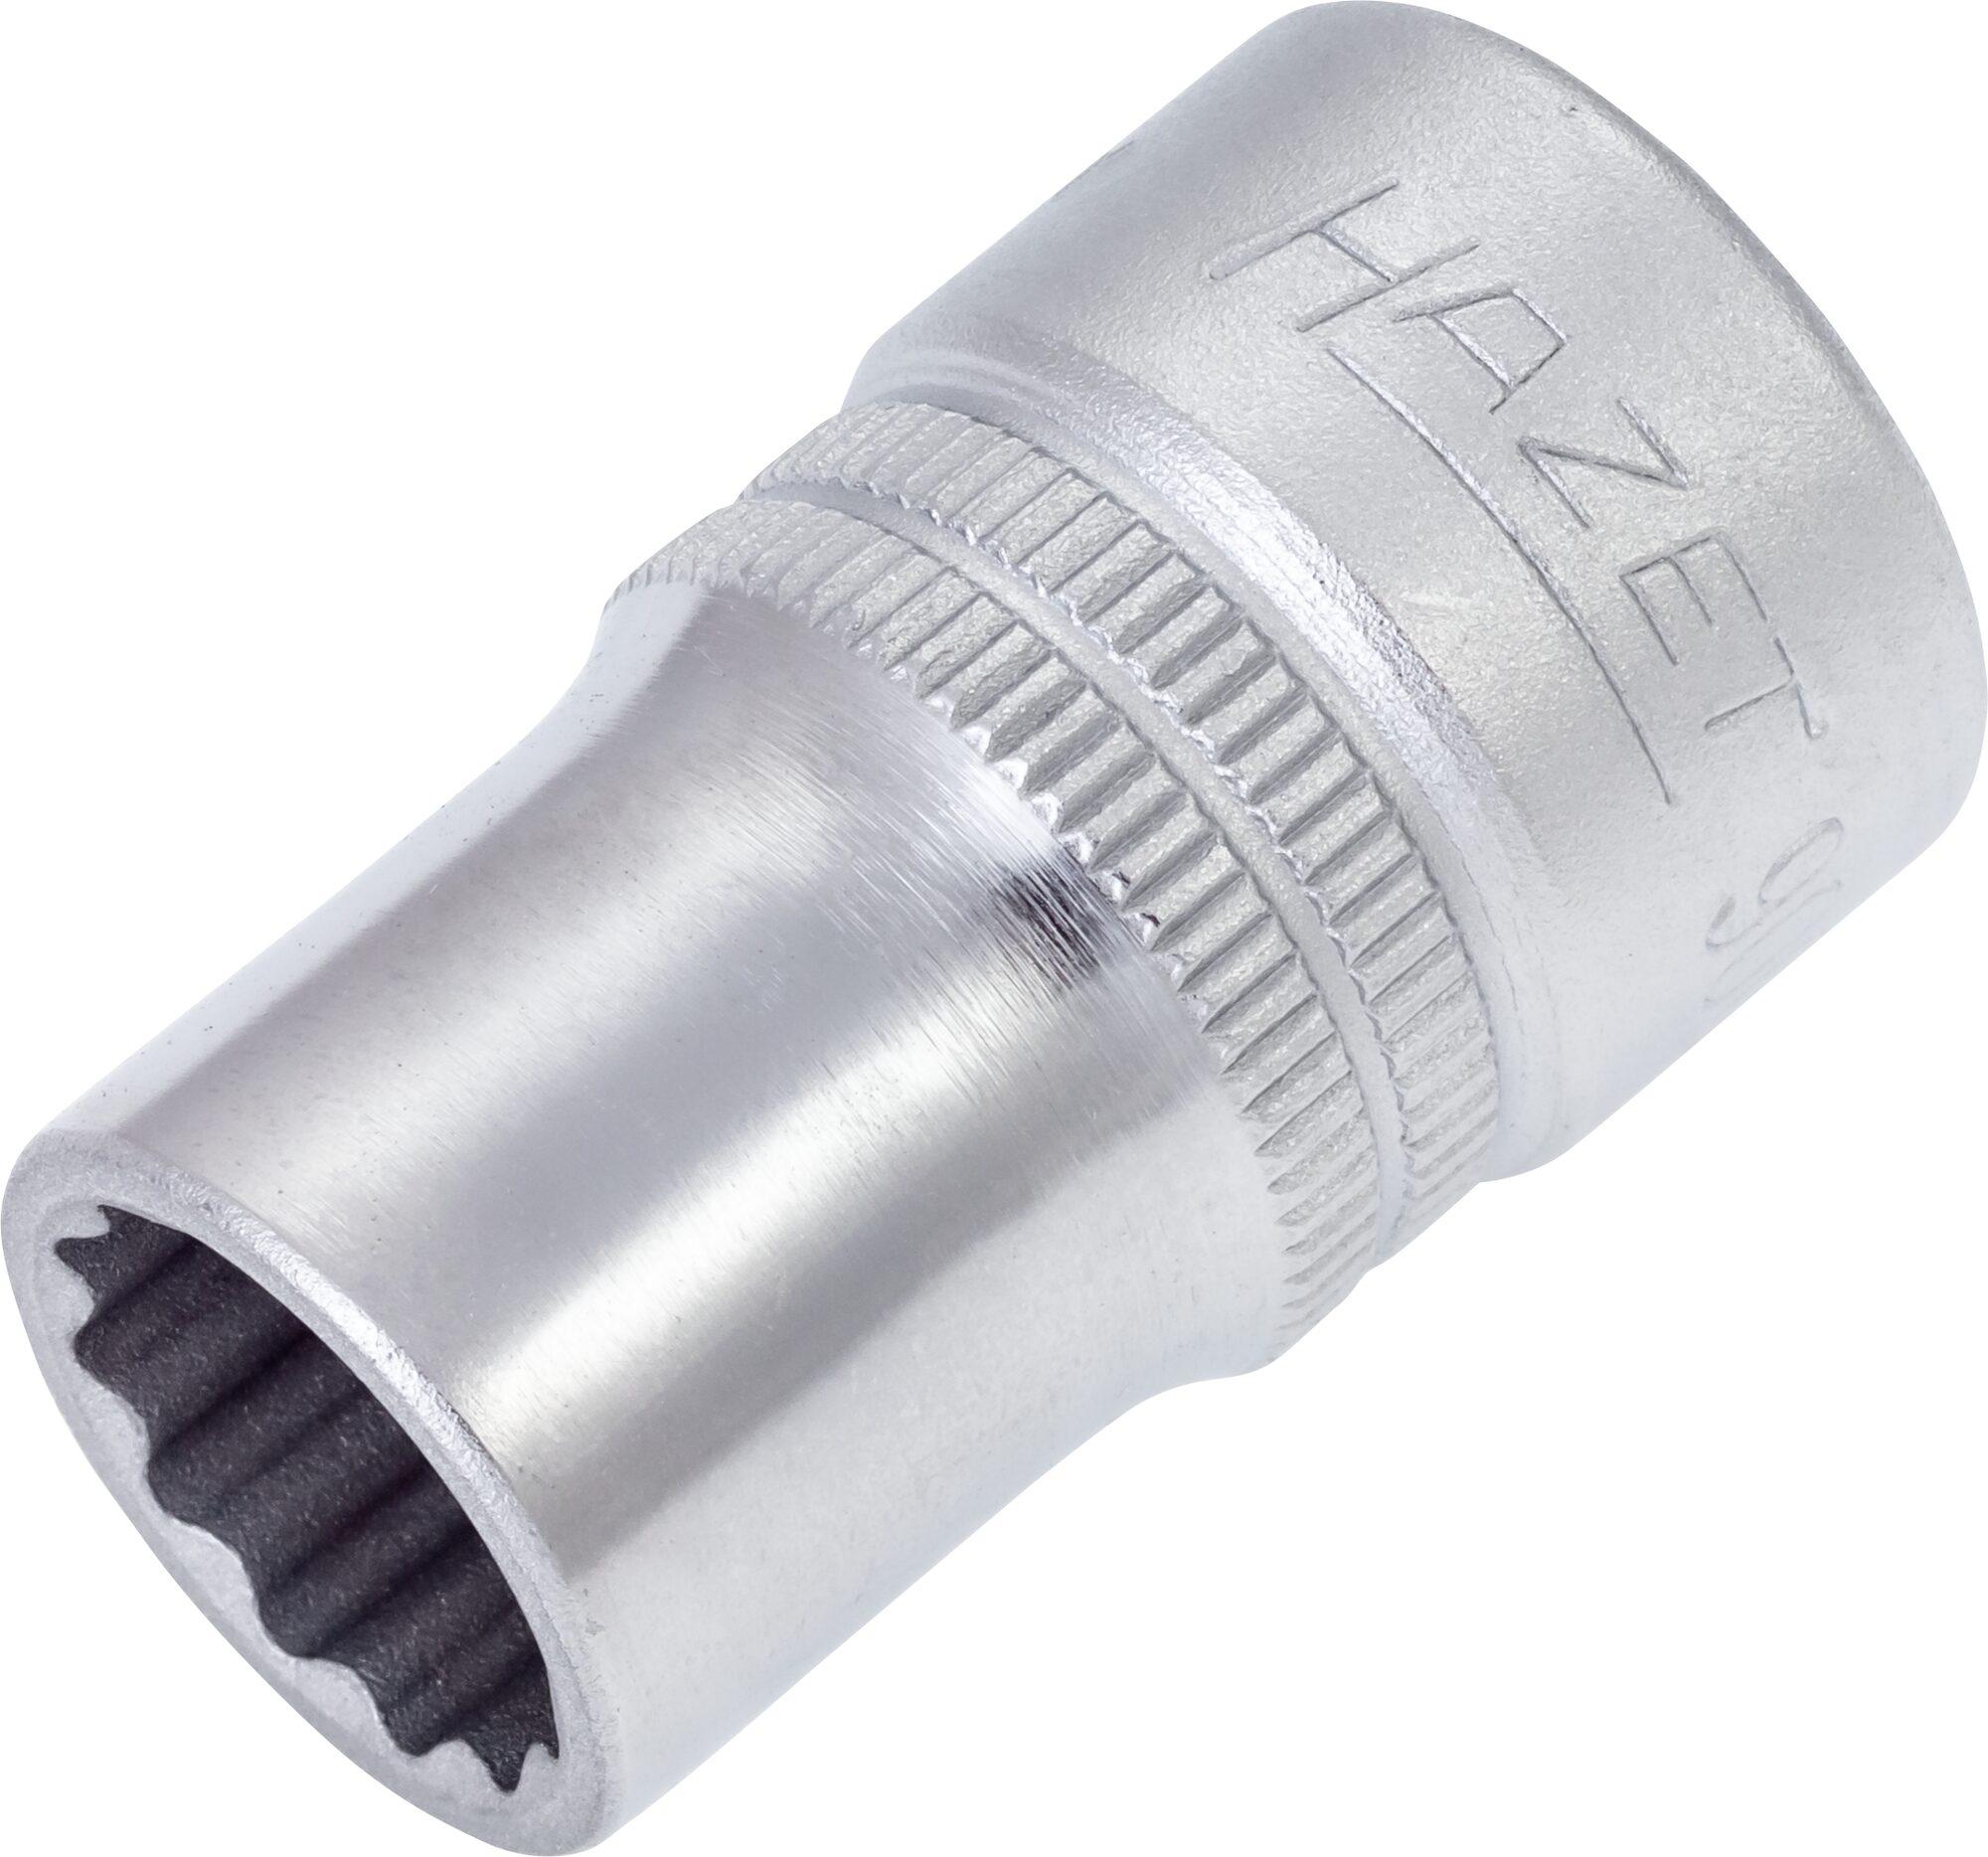 HAZET Steckschlüsseleinsatz ∙ Doppelsechskant 900AZ-1/2 ∙ Vierkant hohl 12,5 mm (1/2 Zoll) ∙ 1⁄2 ″